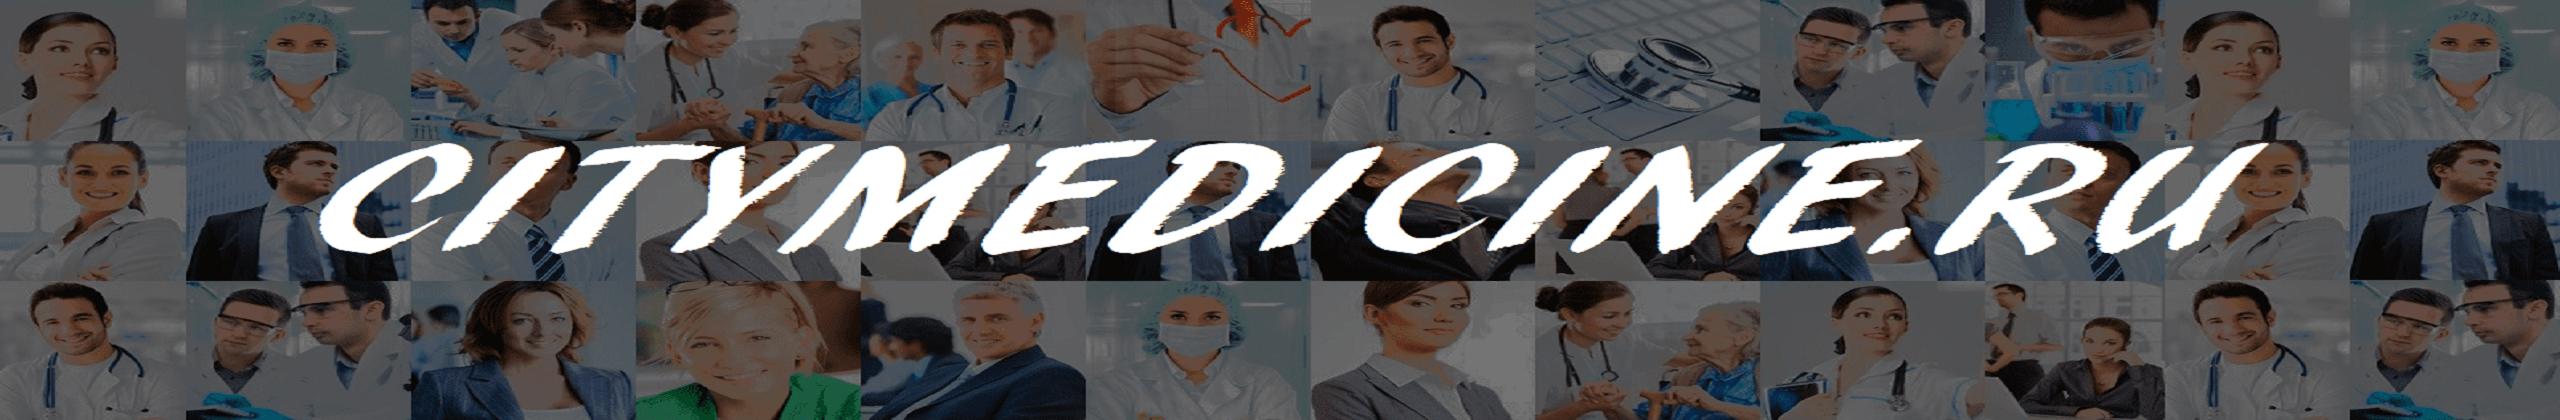 Медицинские объявления города